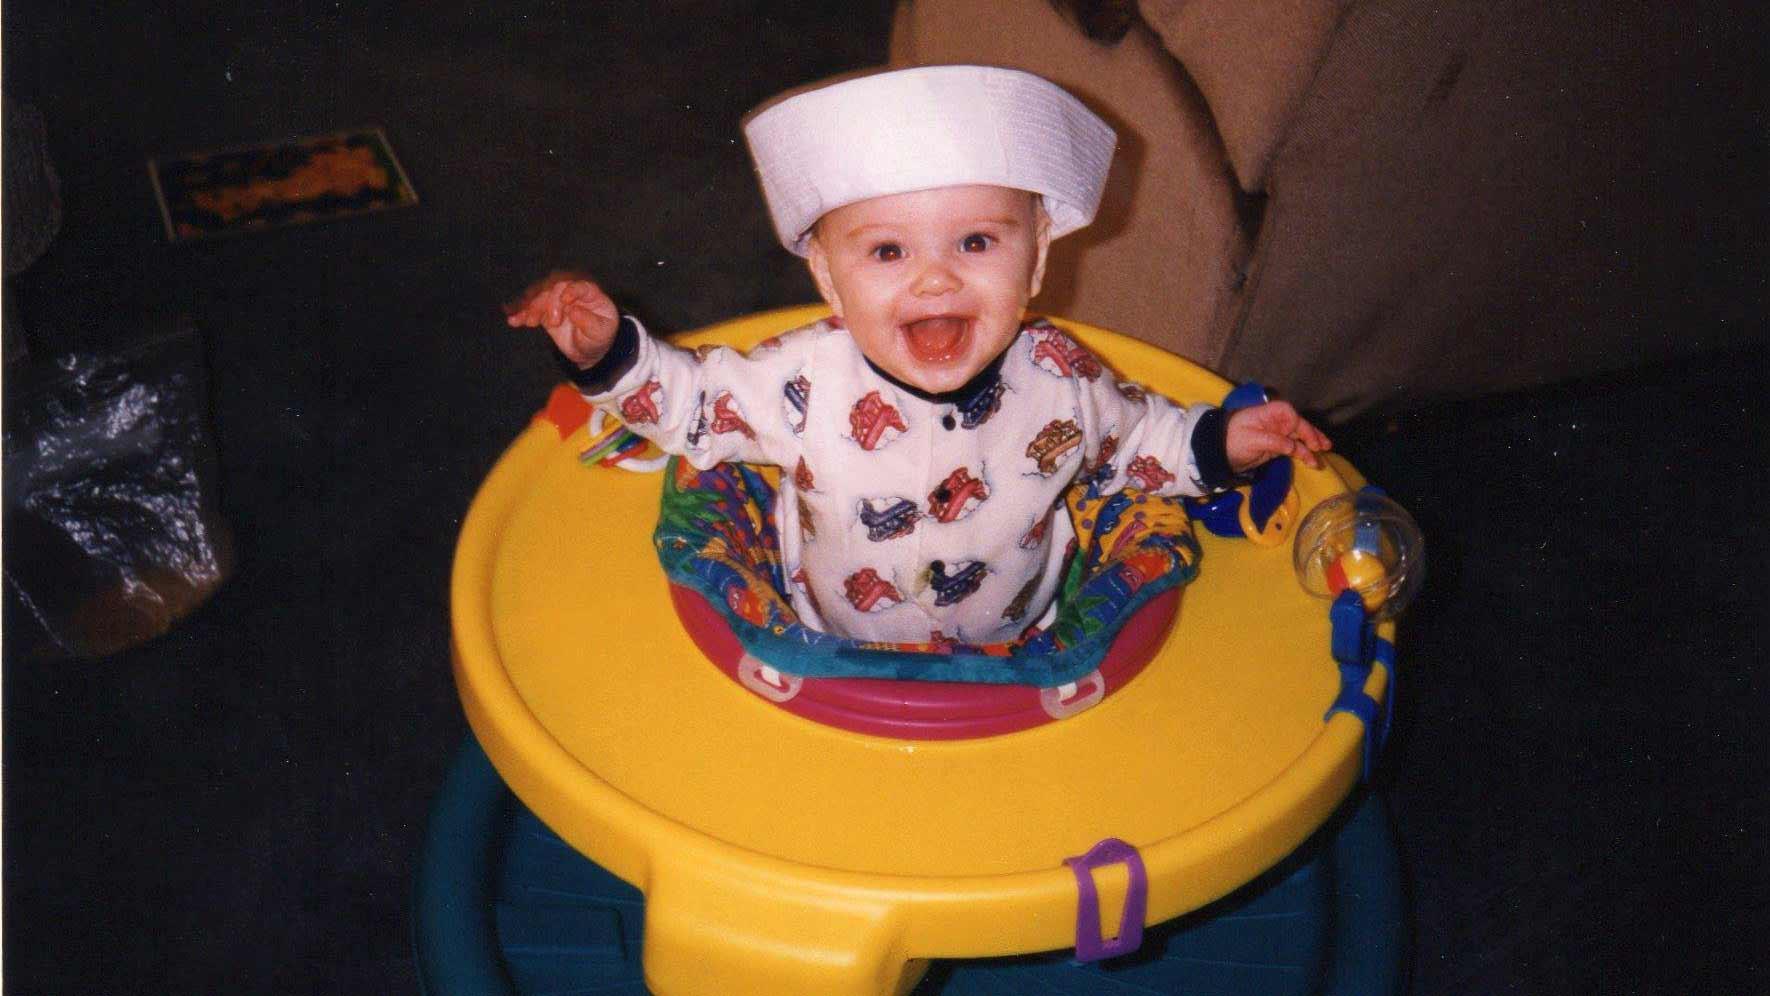 Steele Johnson, foto de infância um em Nbcolympics.com